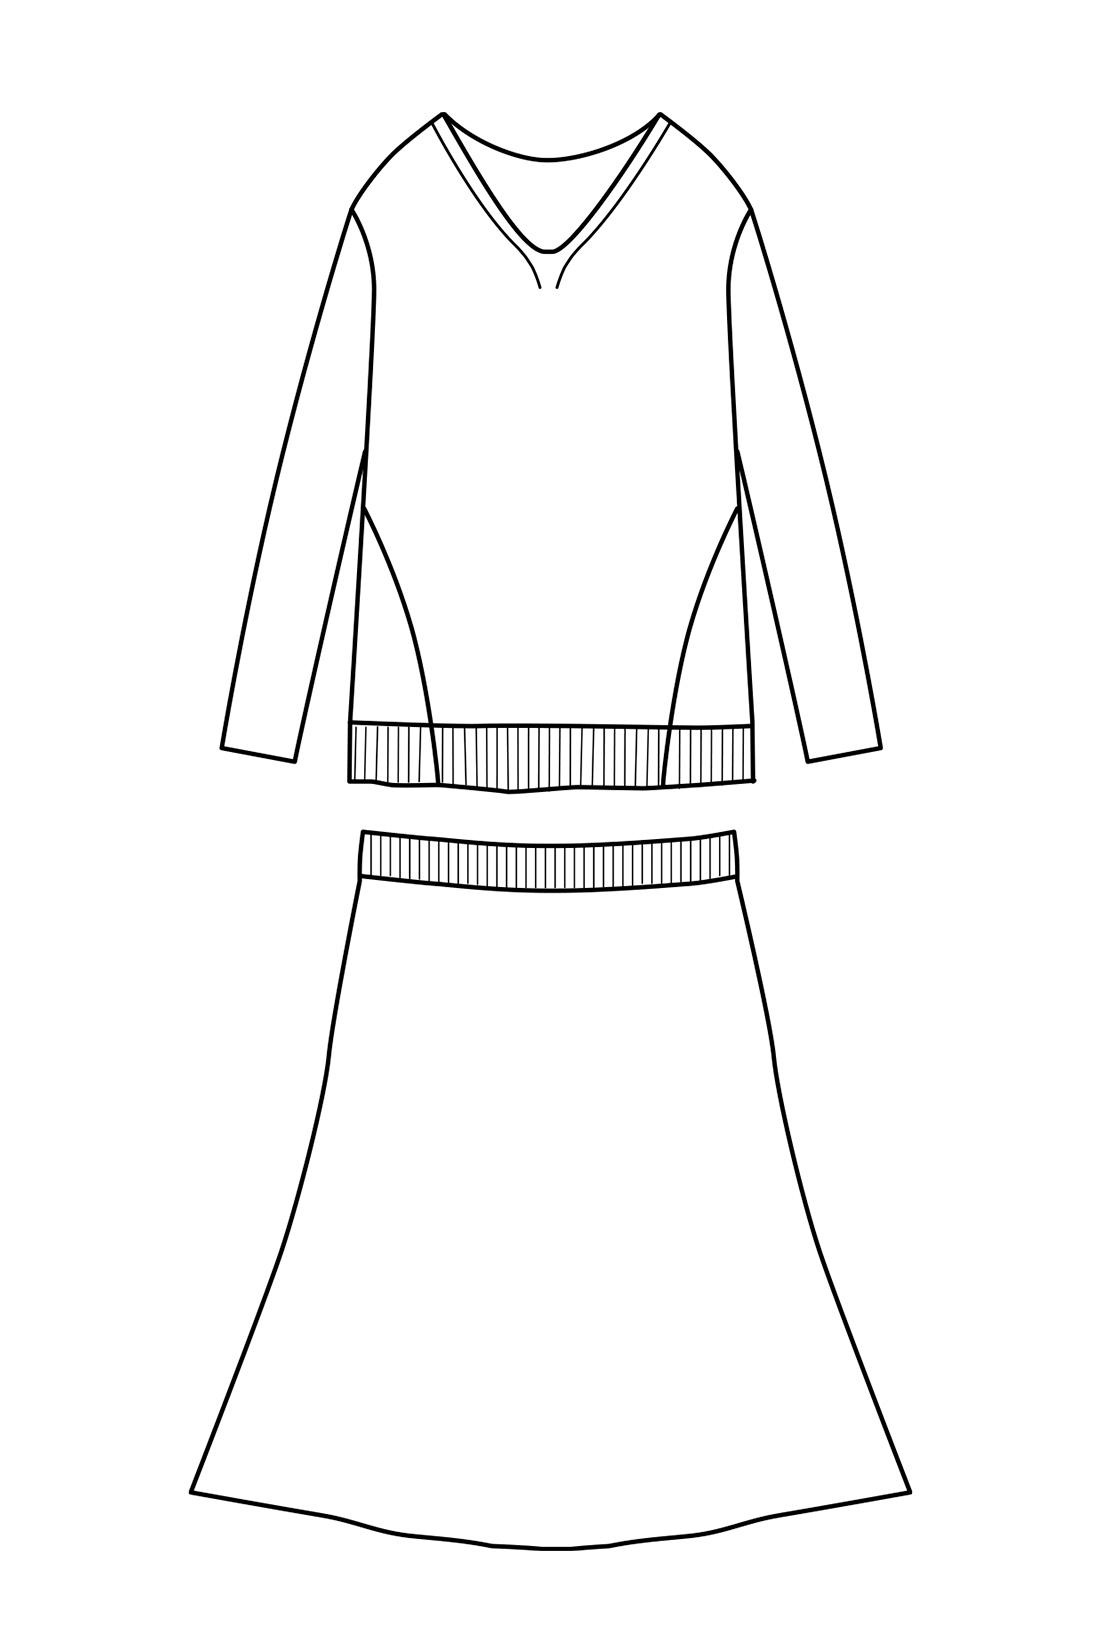 華奢(きゃしゃ)見えトップス+フレアースカート トップスの縦リブとサイドの編み地切り替えで細見せがかなう、体形を拾いにくいニットの絶妙バランス。セットで着ることで、自然なフィット&フレアーに。